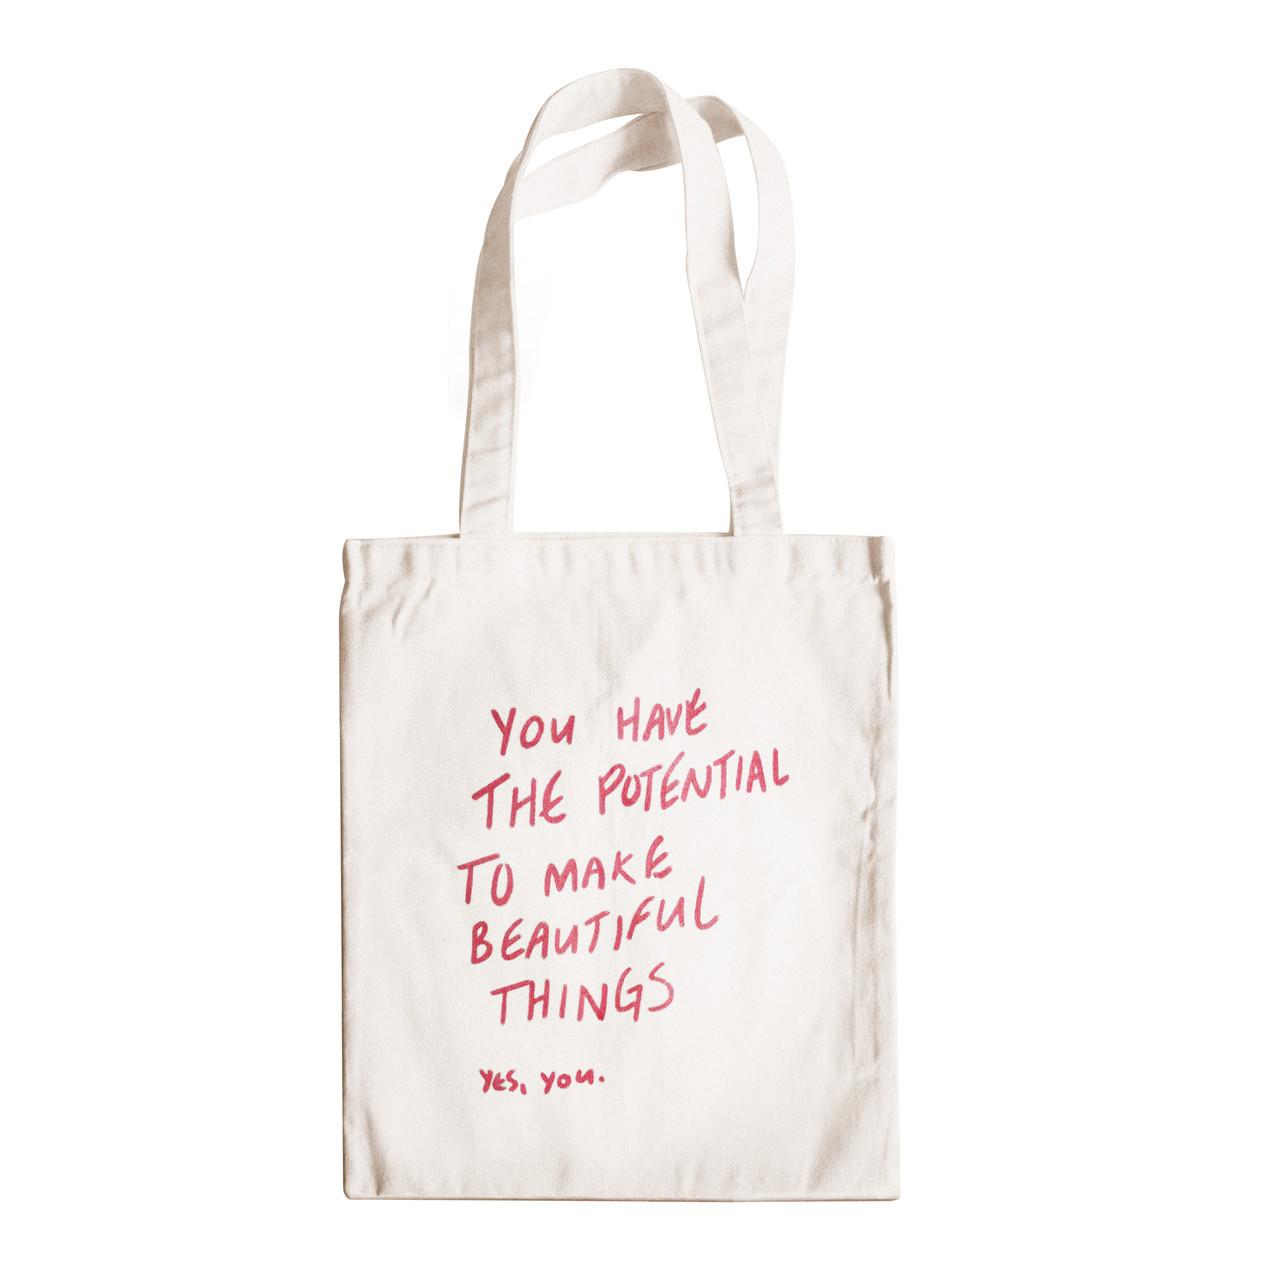 """Трикотажная светлая бежевая бежевая сумка для покупок """"эко-шоппер"""" ручной работы с принтом """"Yes, you"""",двунитка"""